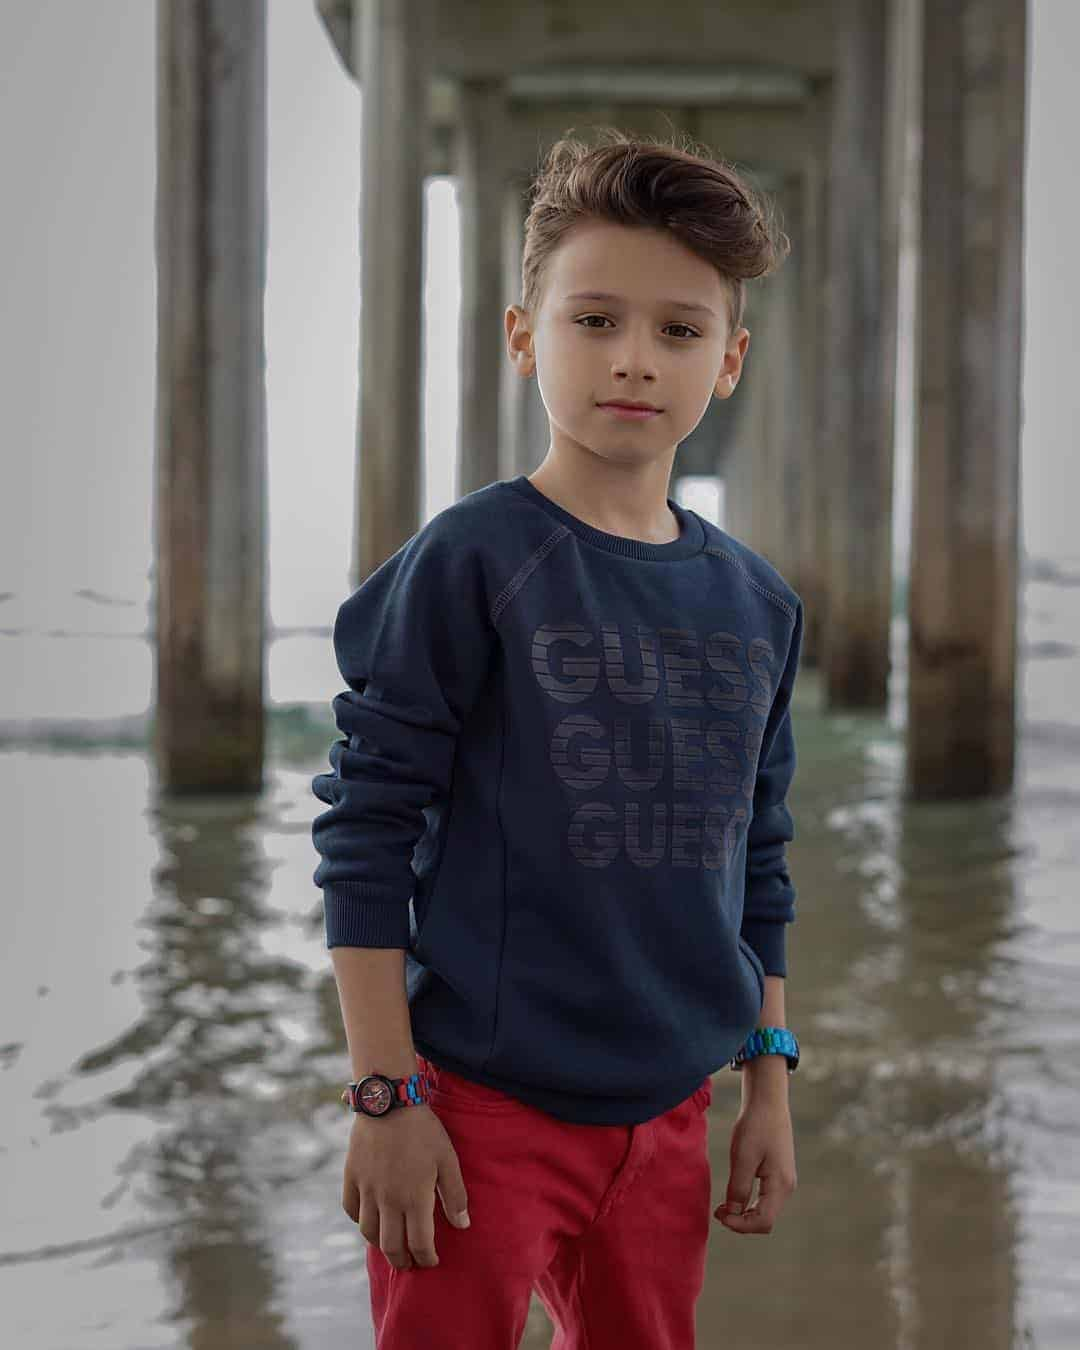 Moda Para Niños 2021 Tendencias Principales Para Ropas Dniños 2021